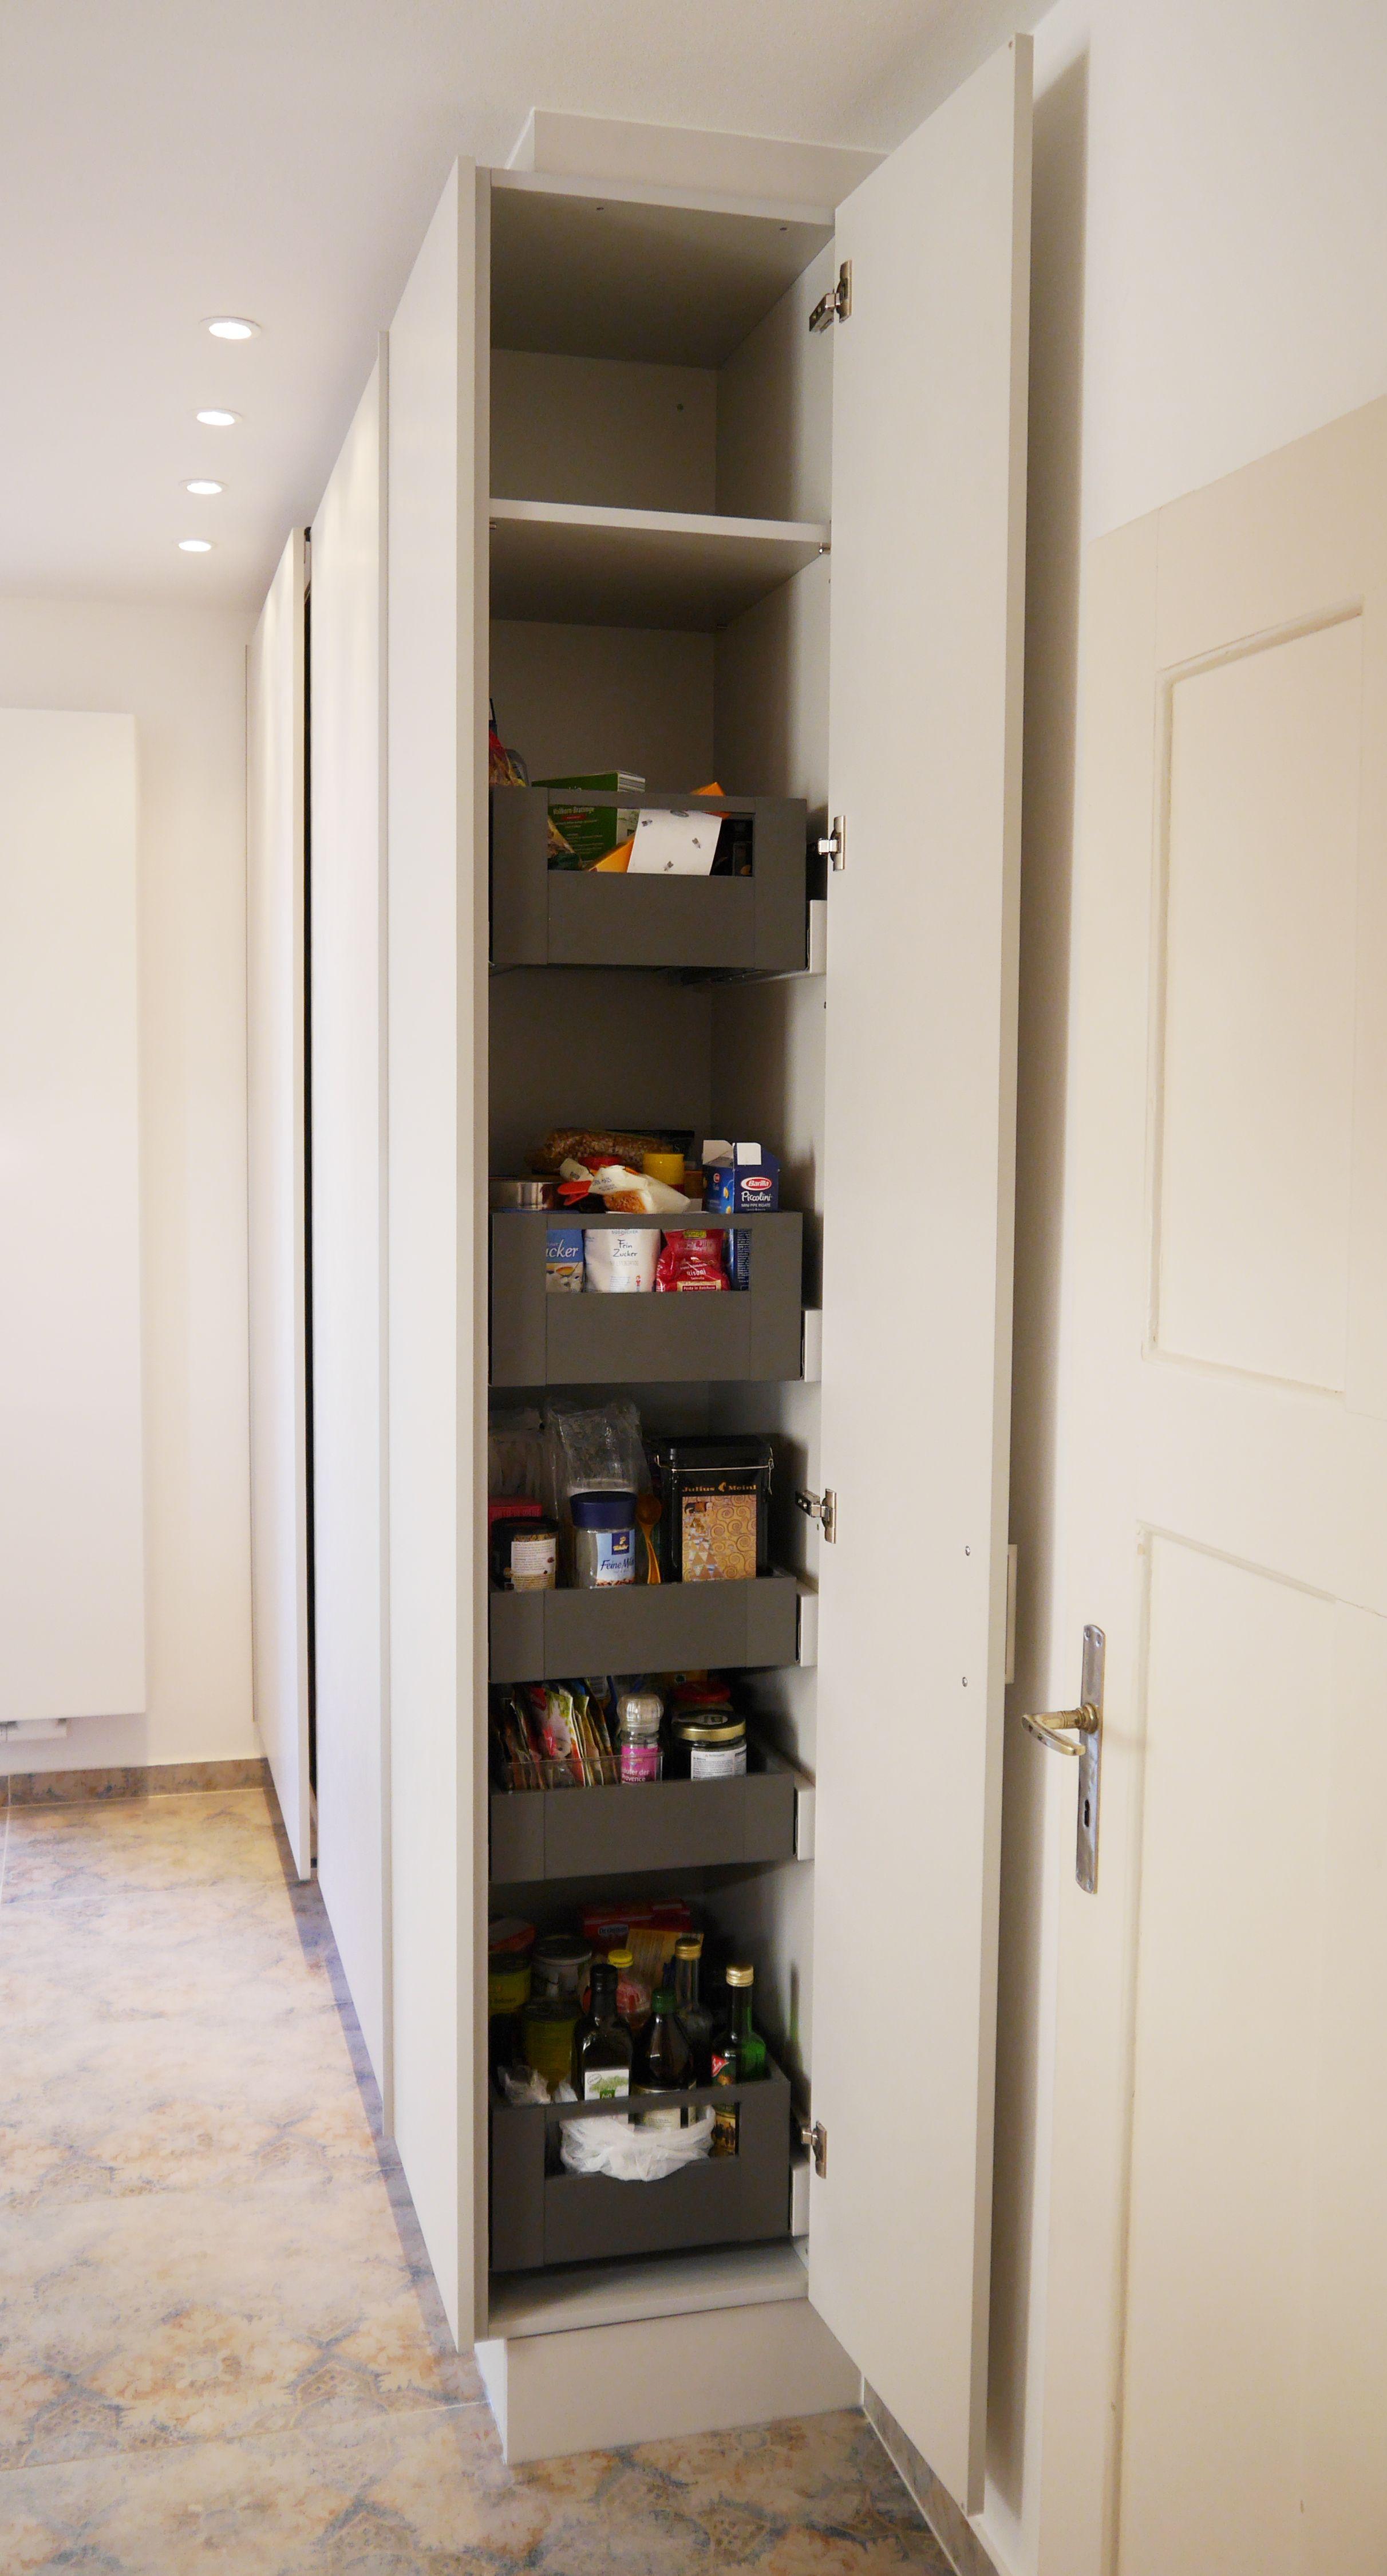 Apothekerschrank Seitlich Speicherideen Kleine Wohnung Viel Stauraum Kuchen Ideen Stauraum